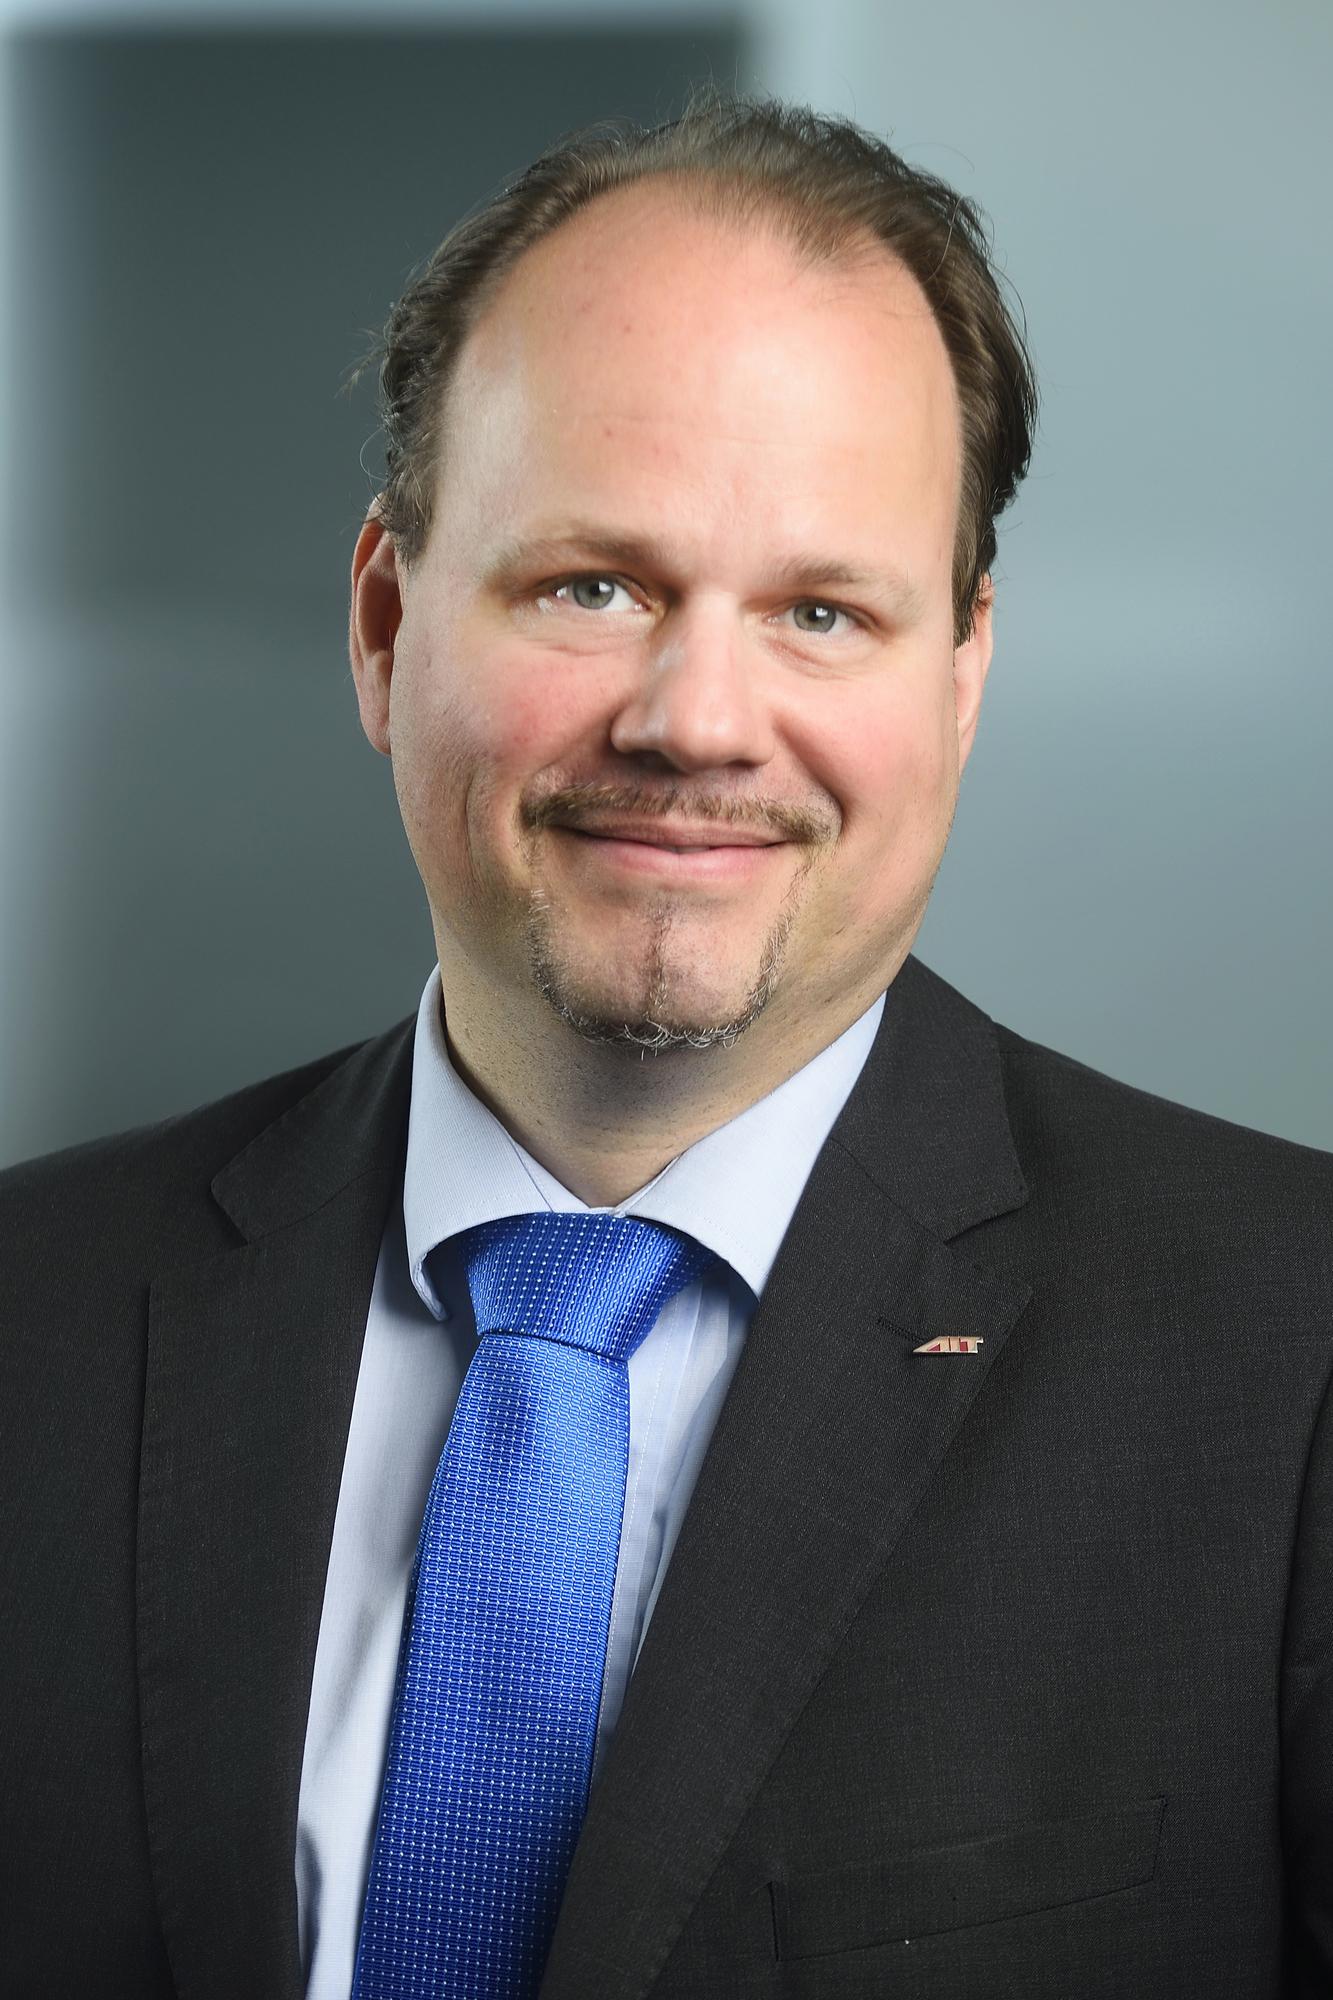 DI Juergen Zajicek - Austrian Institute of Technology